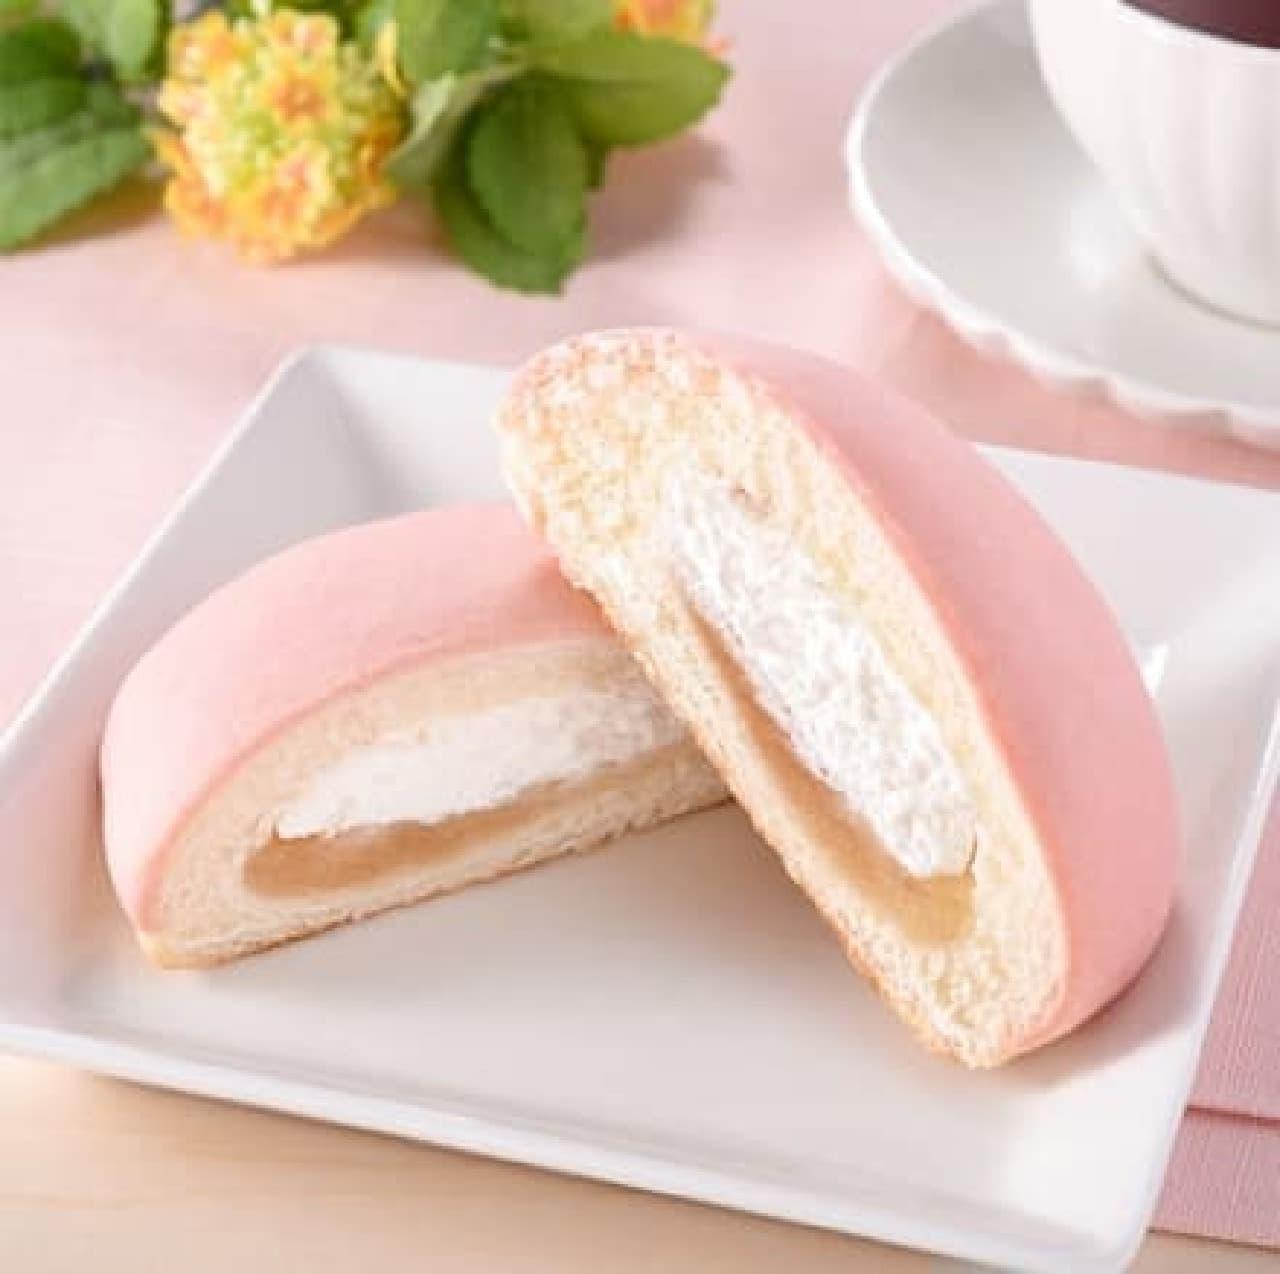 ファミリーマート「白桃パン(ジャム&ホイップ)」